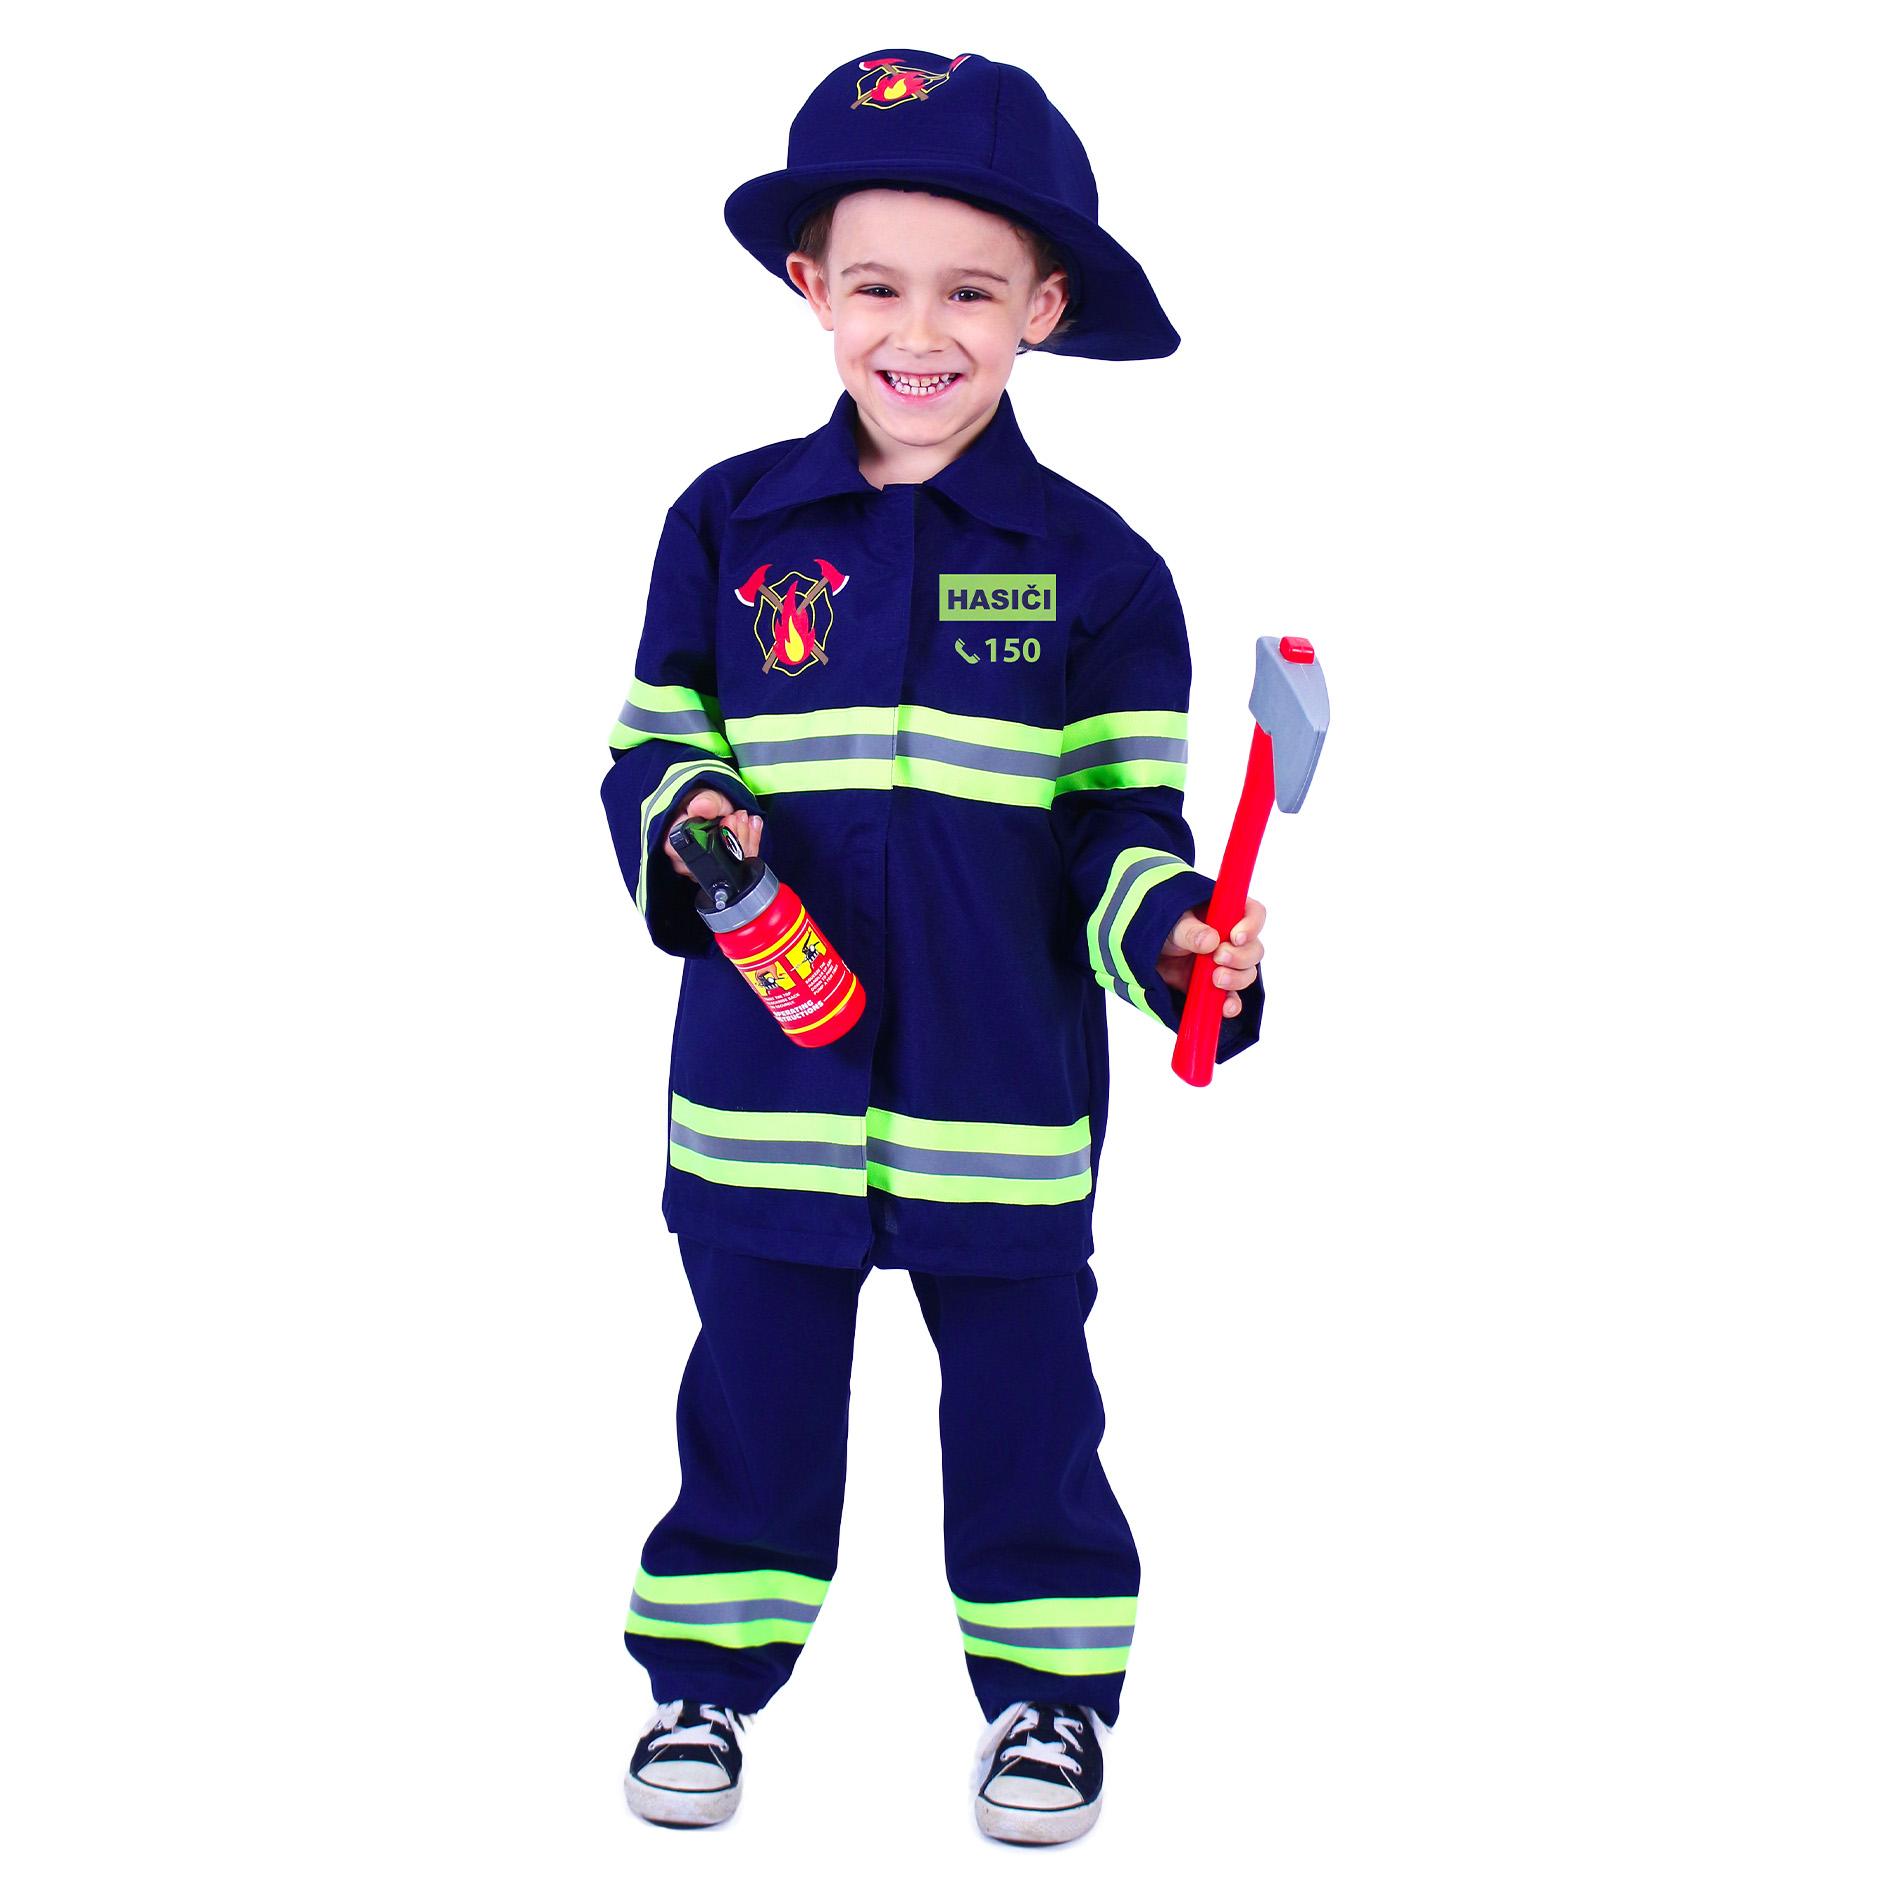 Dětský kostým hasič s českým potiskem (S) e-obal